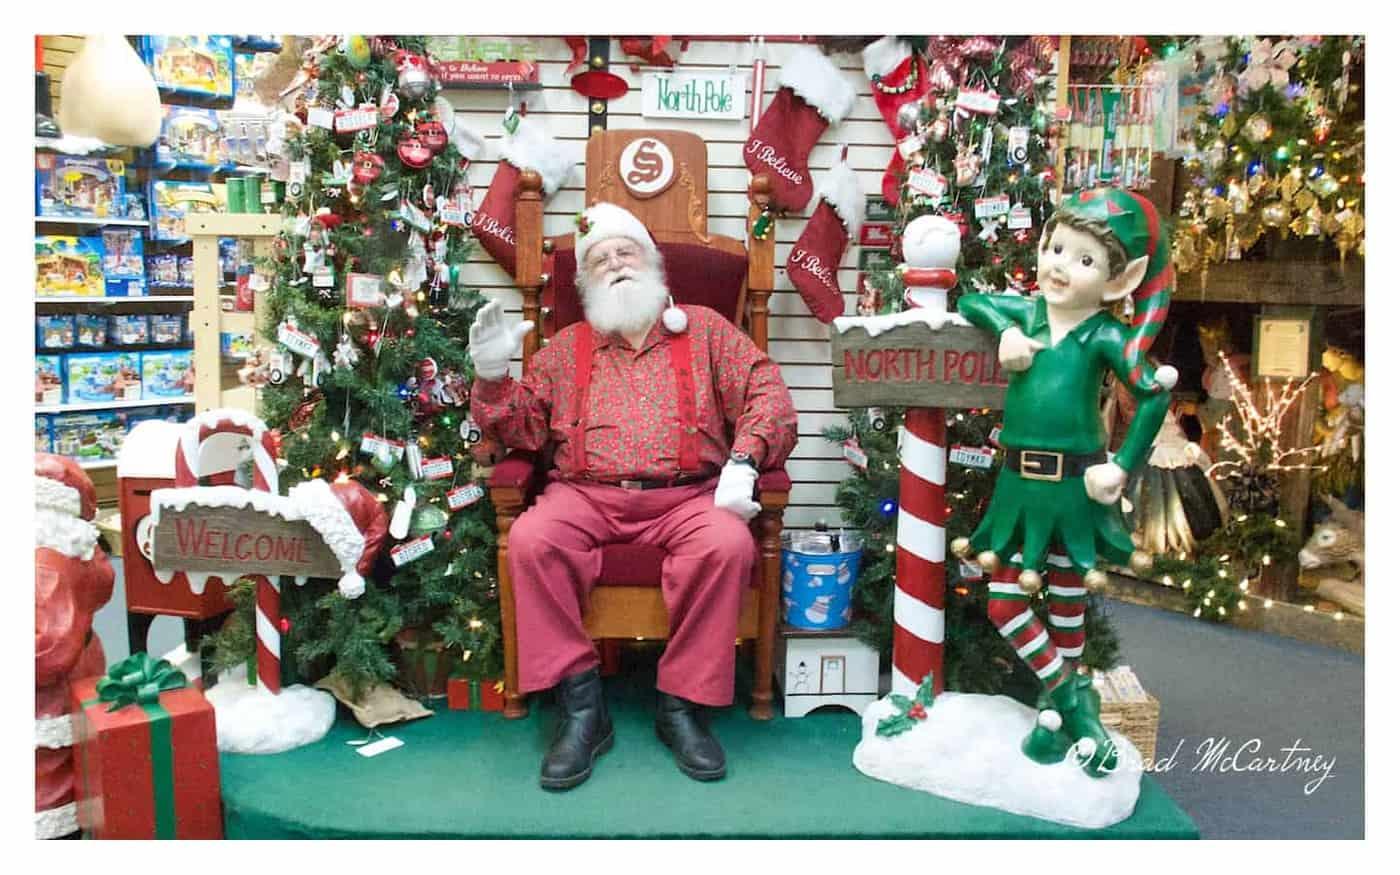 Santa at his home in the North Pole Alaska